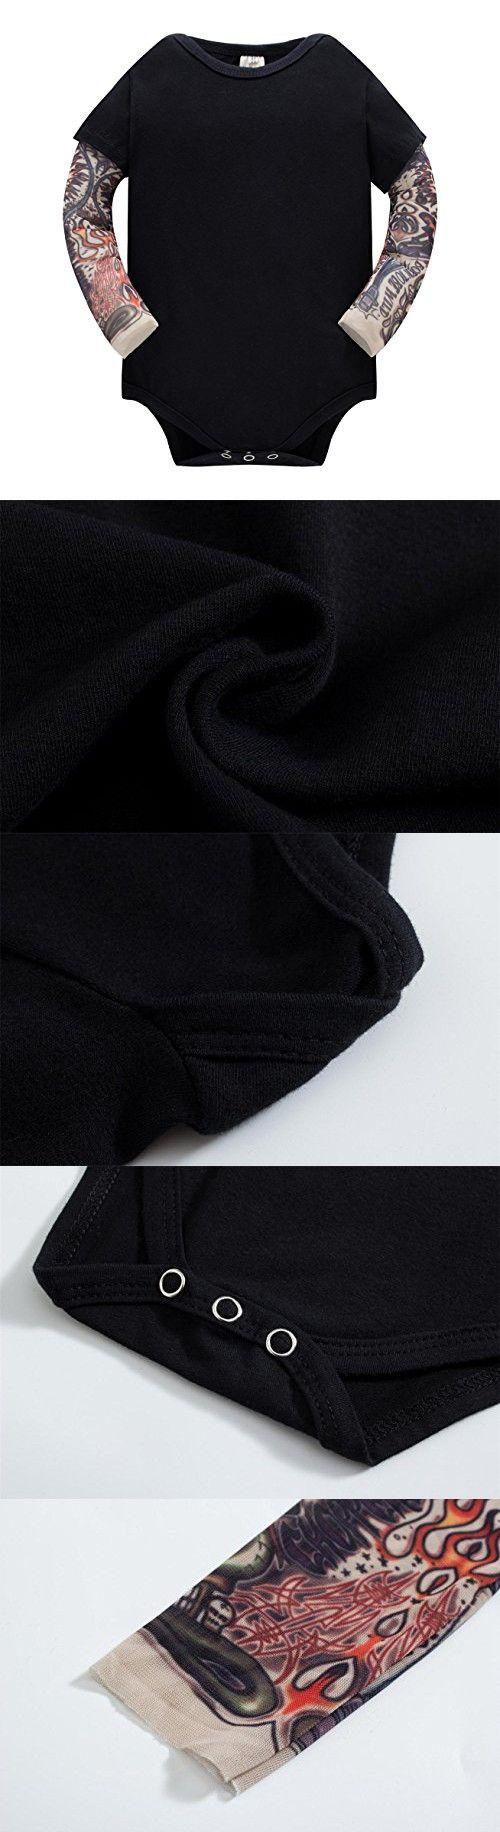 230343101b8a Huata Baby Girls Boys Long Sleeve Onesies Bodysuit Baby Romper (Black1